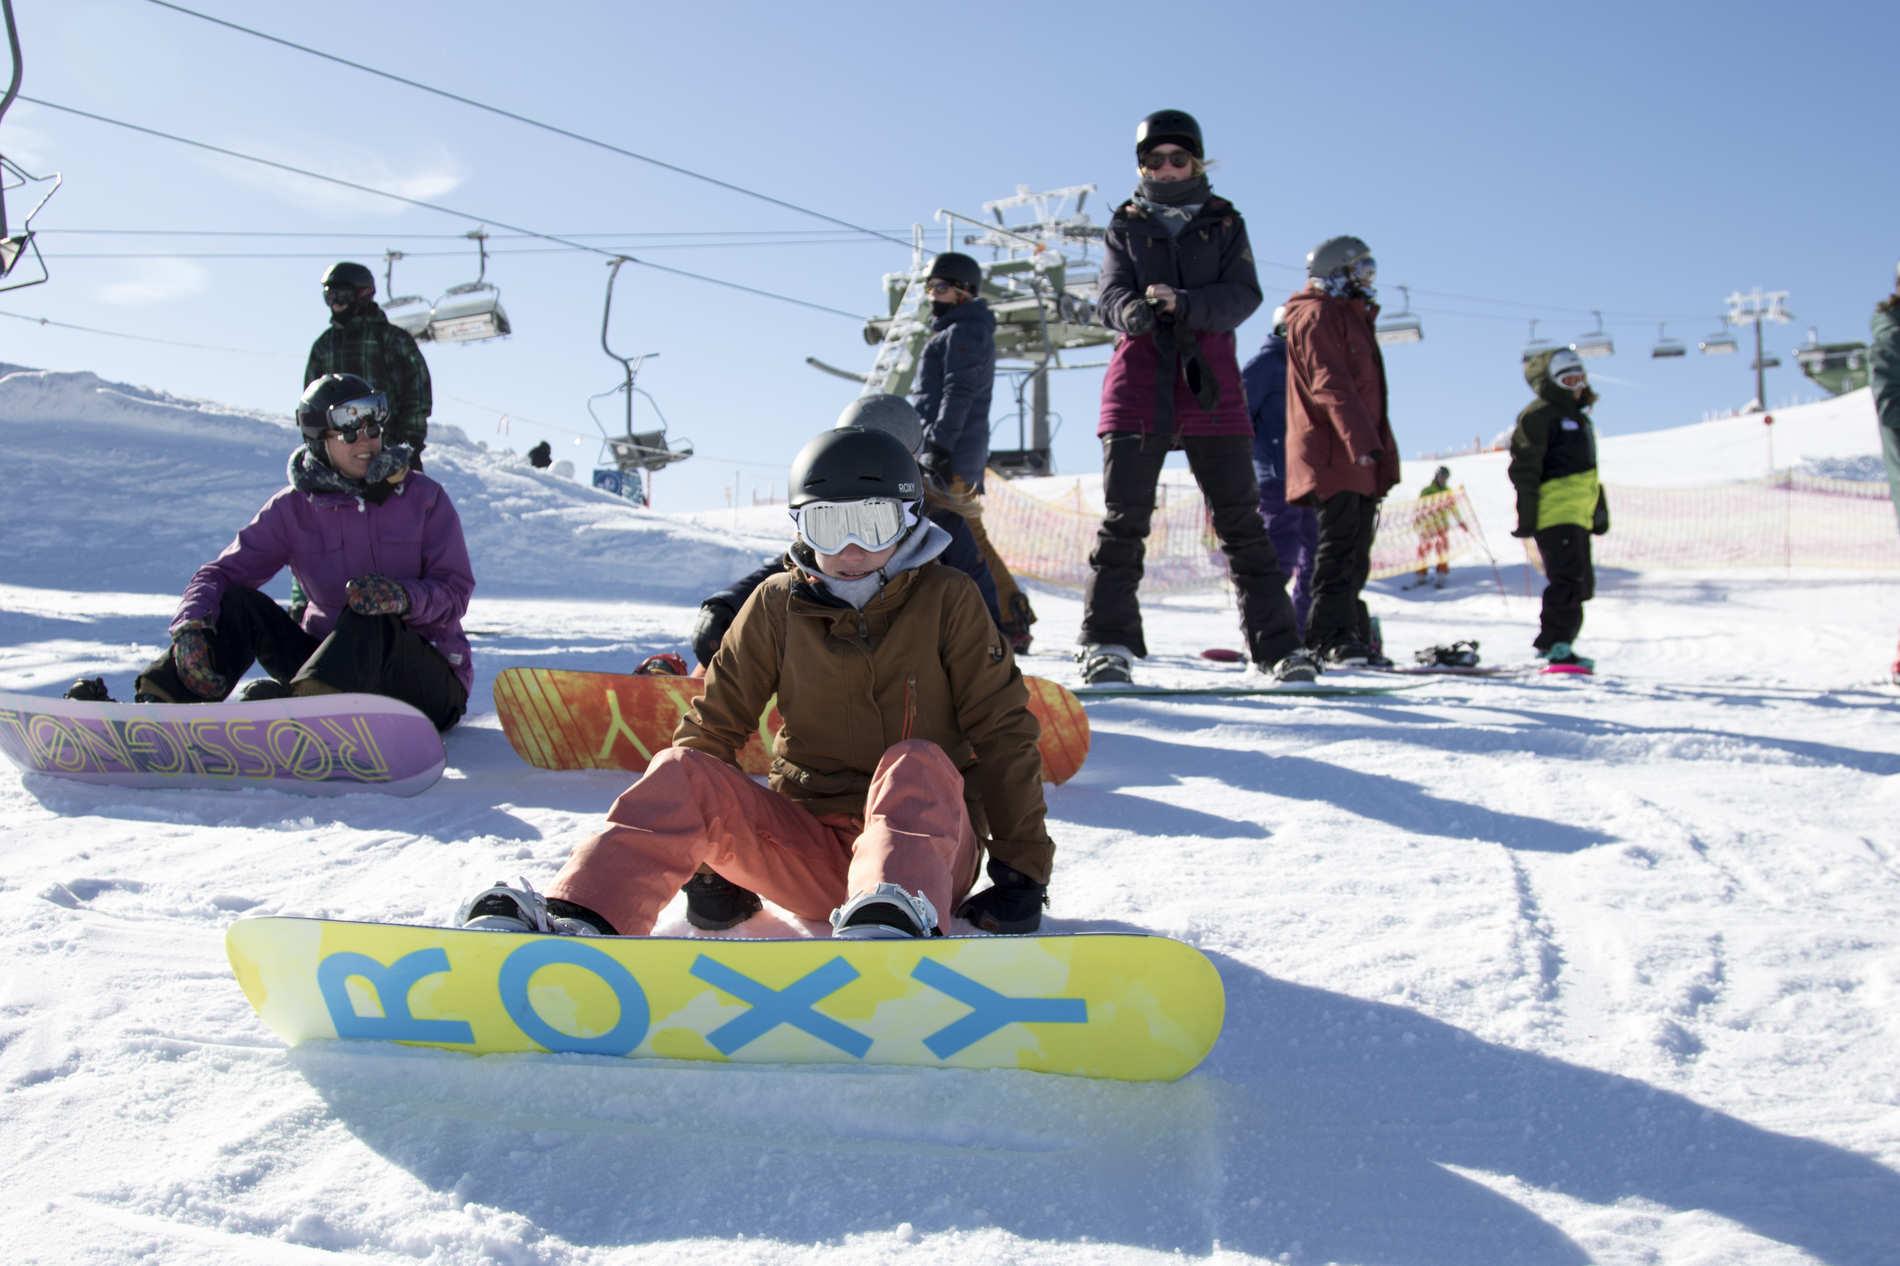 snowpark feldberg 24 02 2018 lifestyle fs sb martin herrmann qparks 44